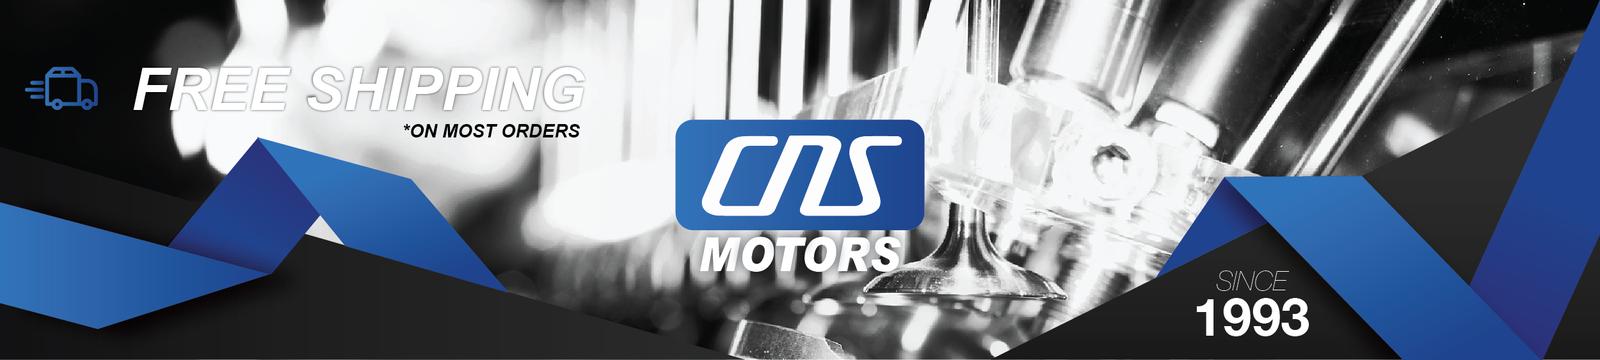 CNS Motors